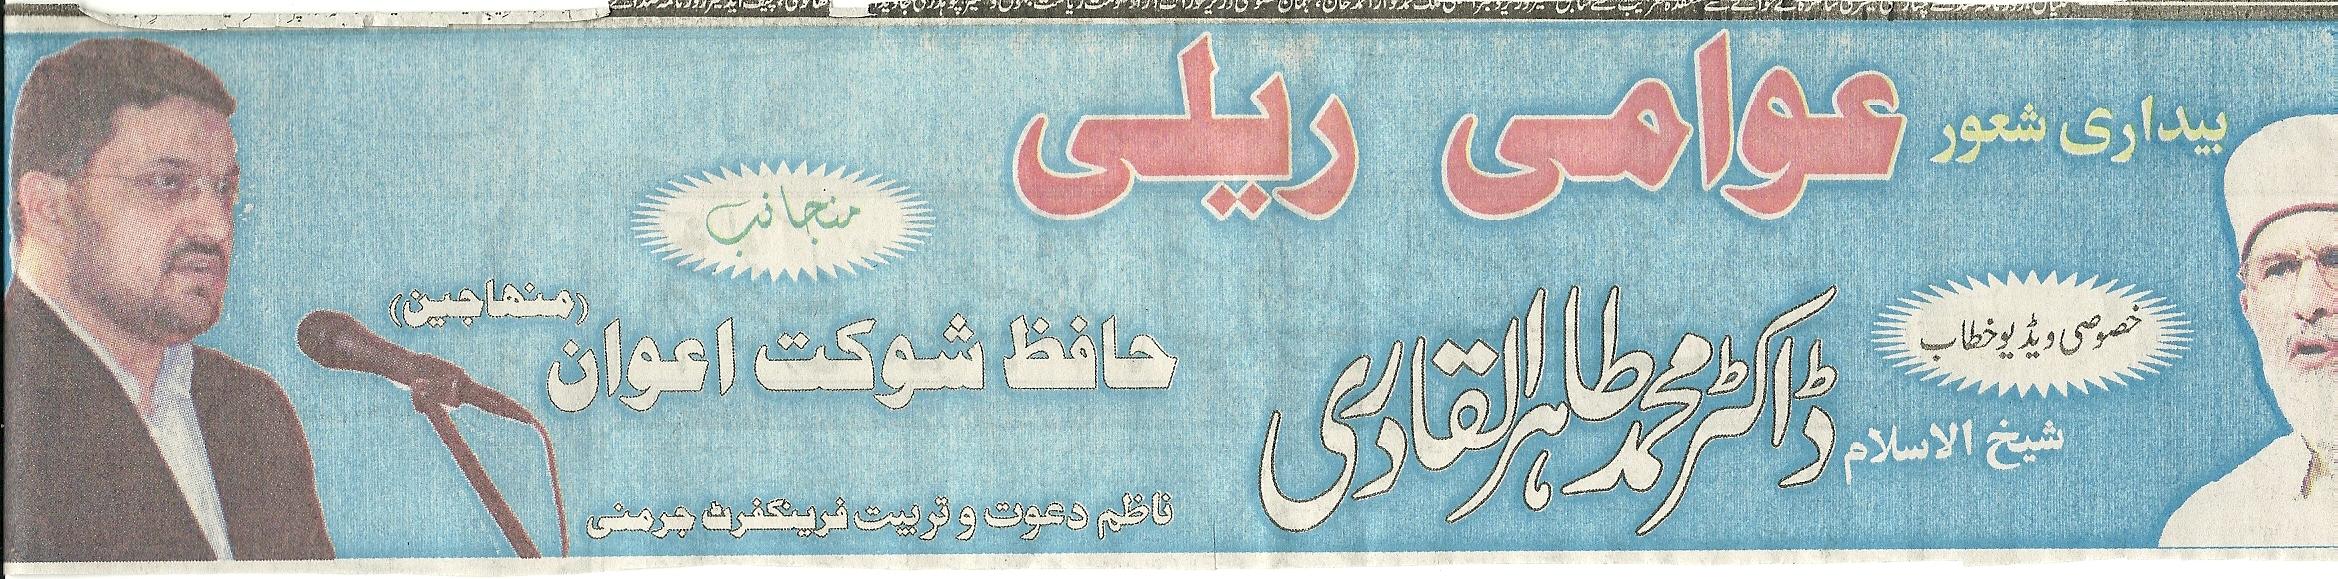 تحریک منہاج القرآن Minhaj-ul-Quran  Print Media Coverage پرنٹ میڈیا کوریج Sadaay Chinaar